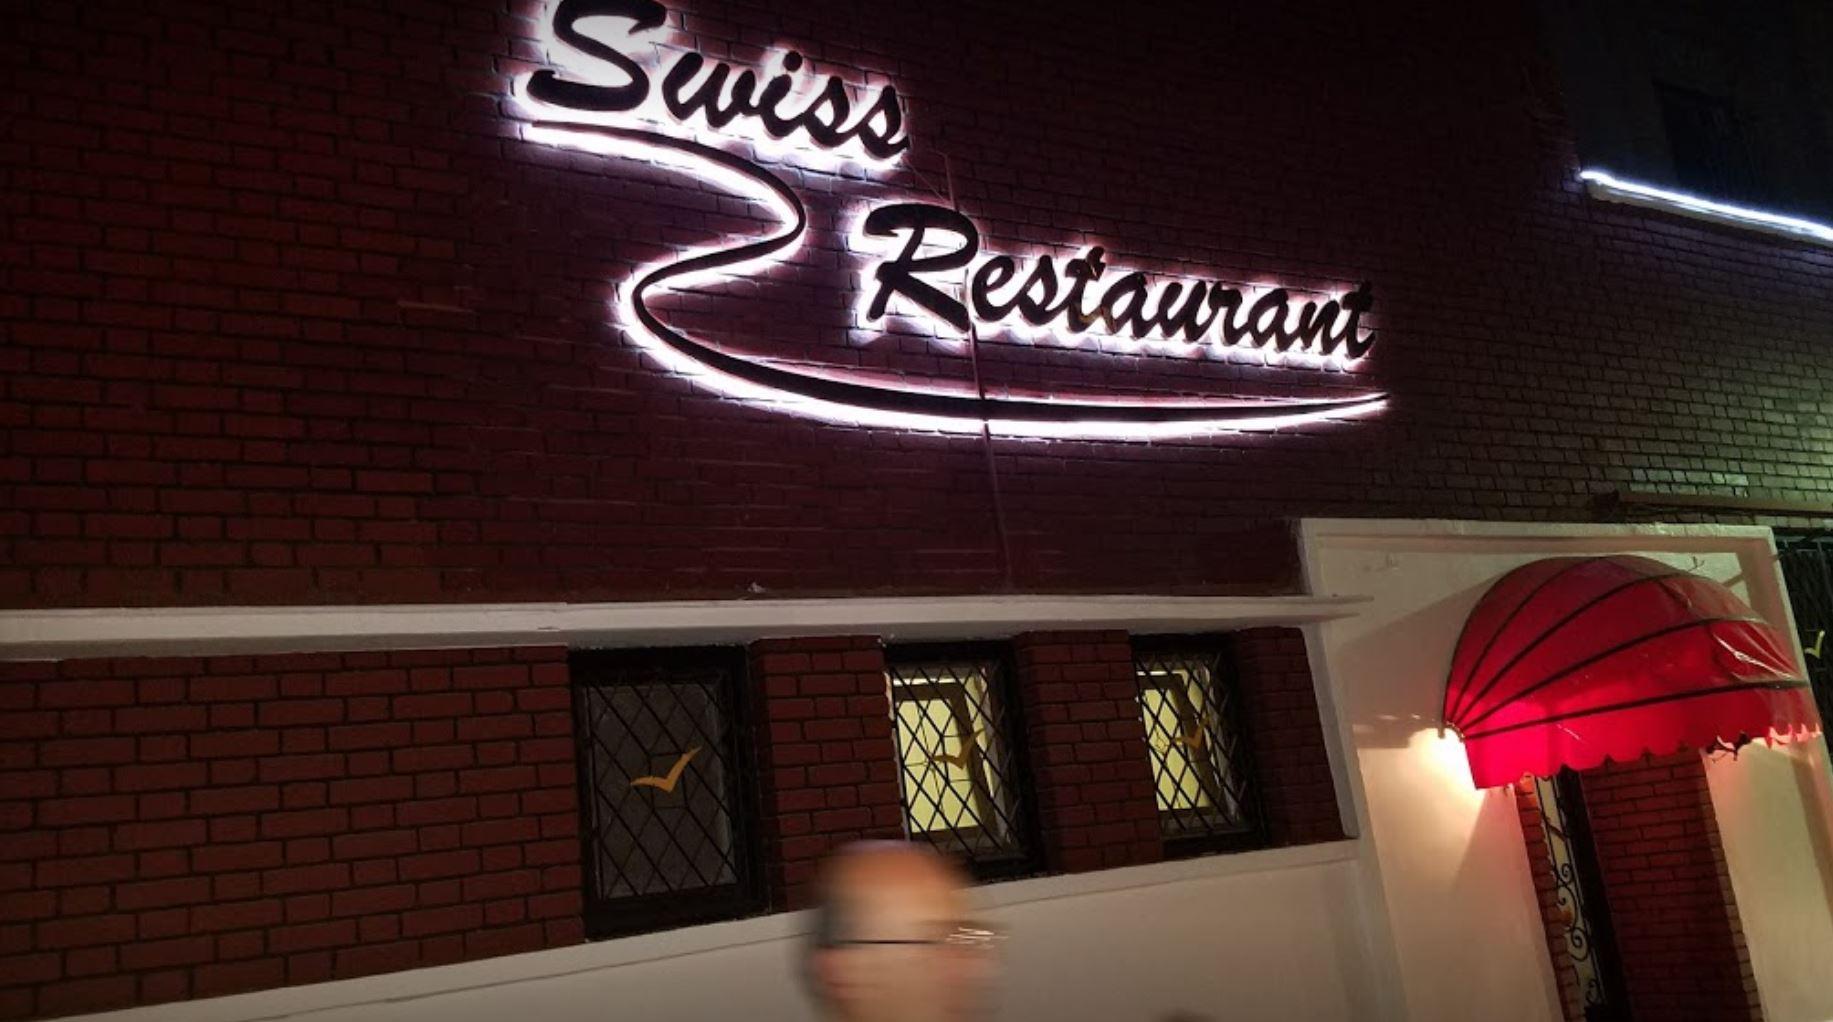 Swiss Restaurant Tehran